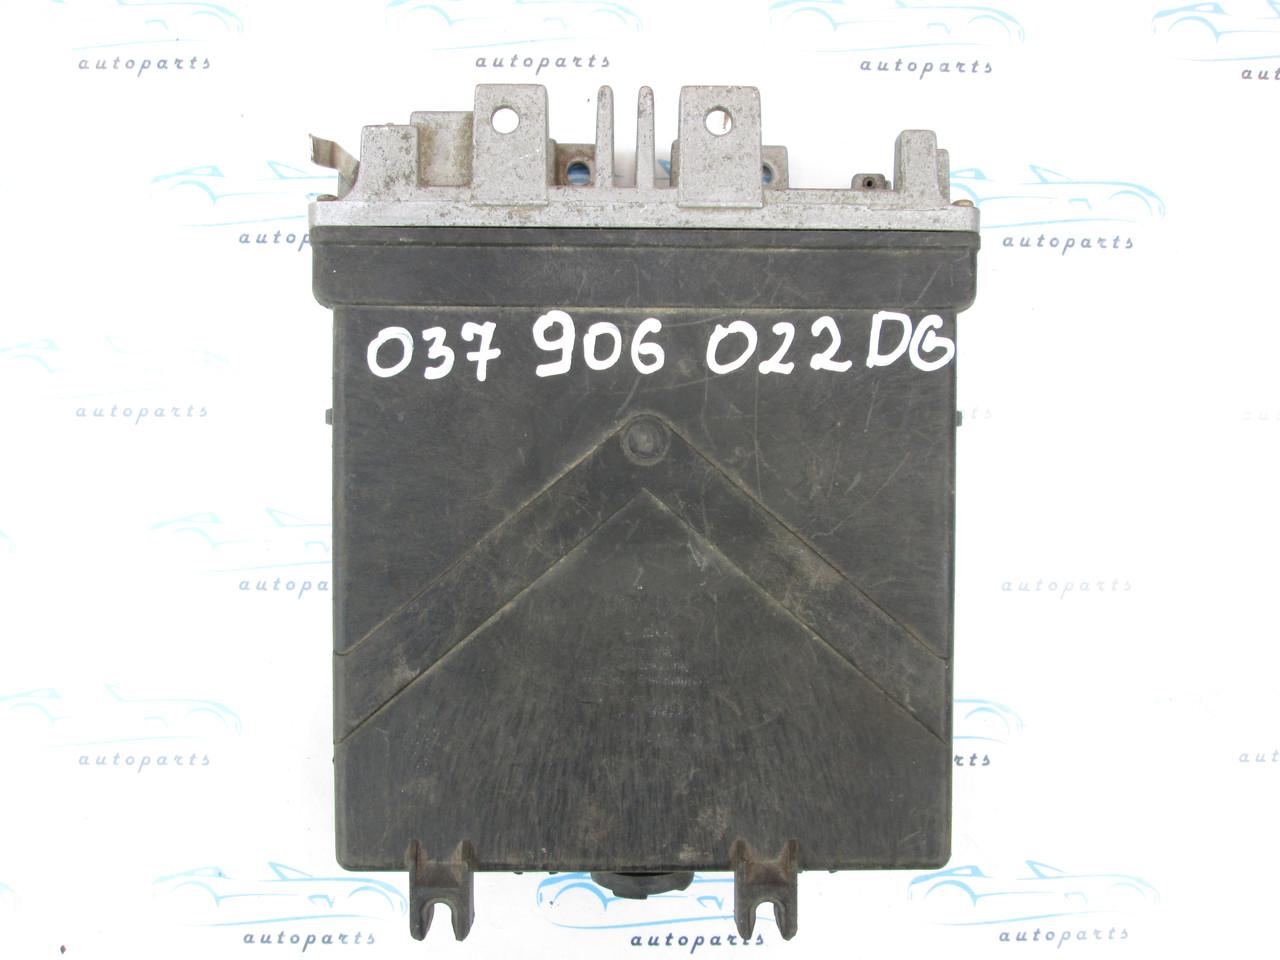 Блок управления VAG 037906022 DG